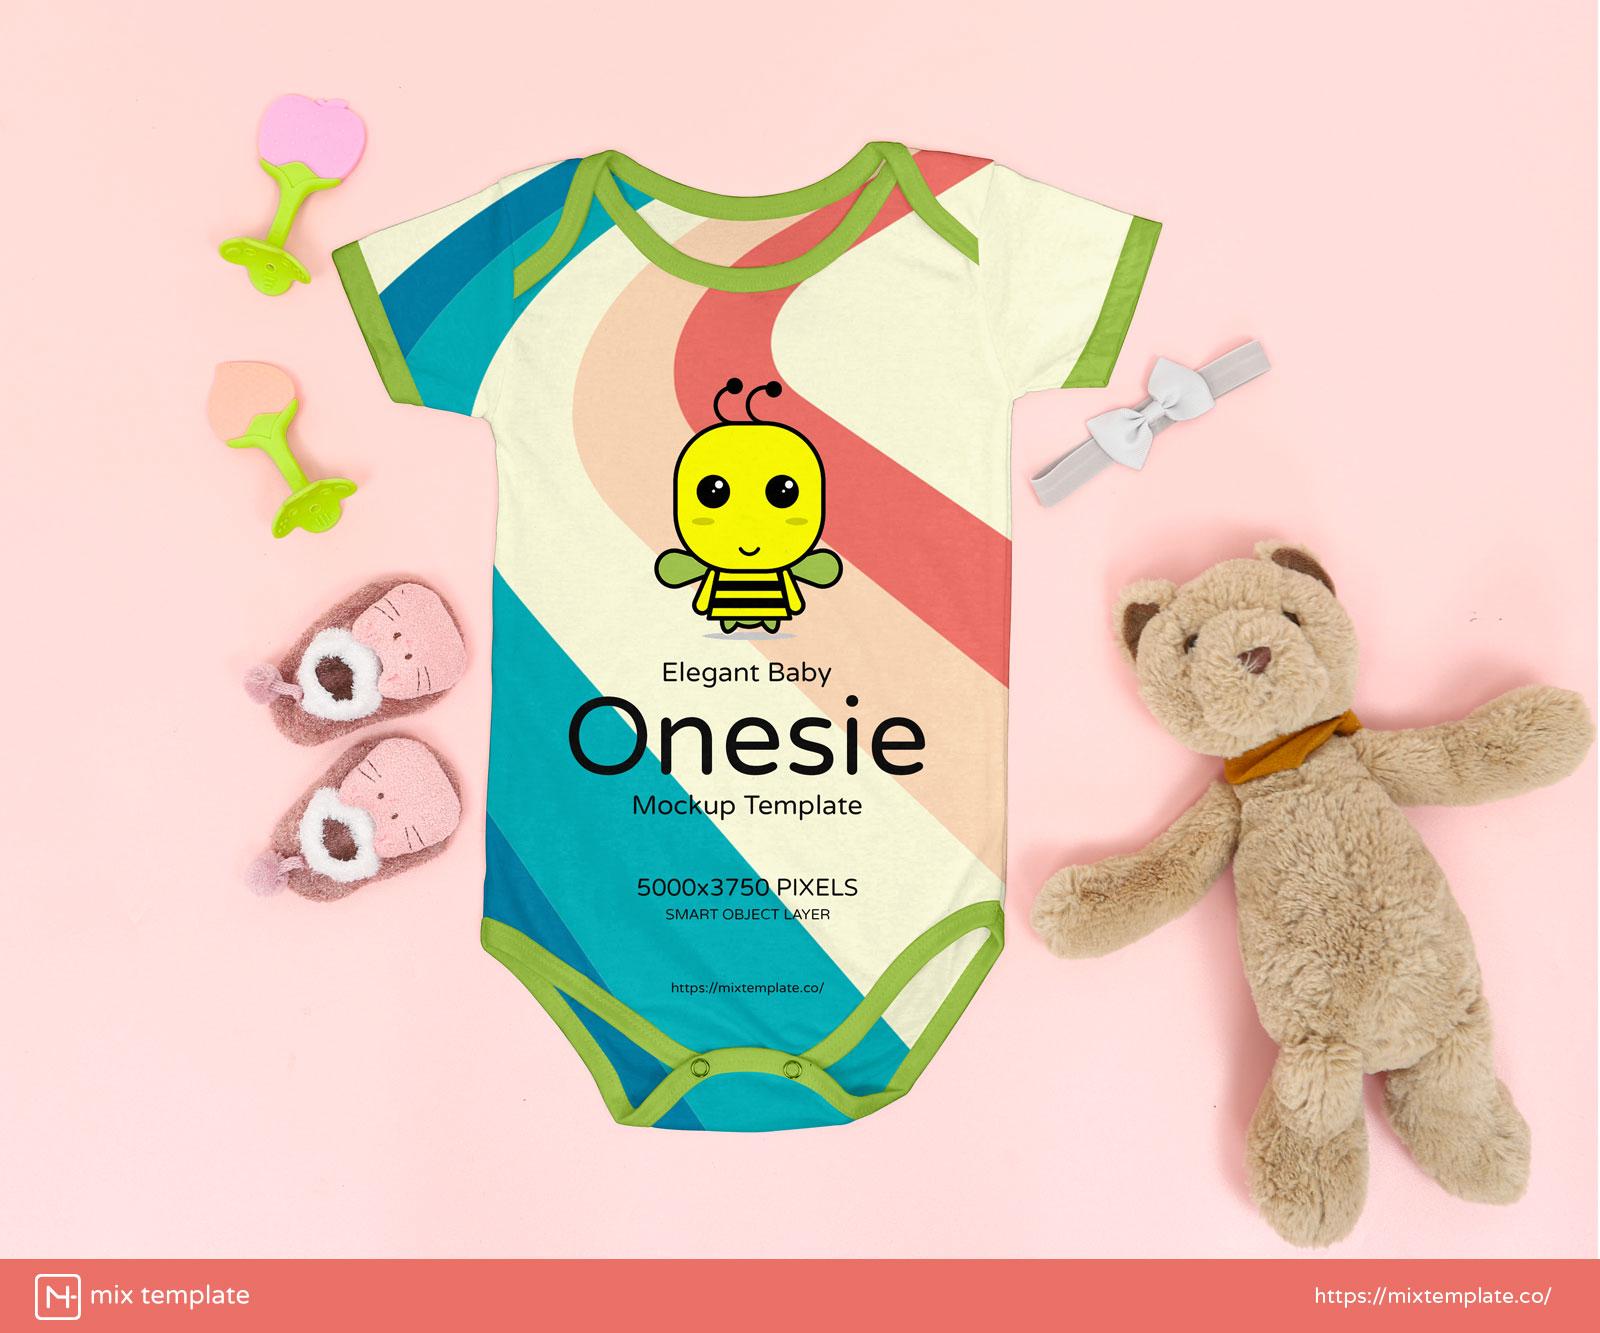 Free-Elegant-Baby-Onesie-Mockup-Template